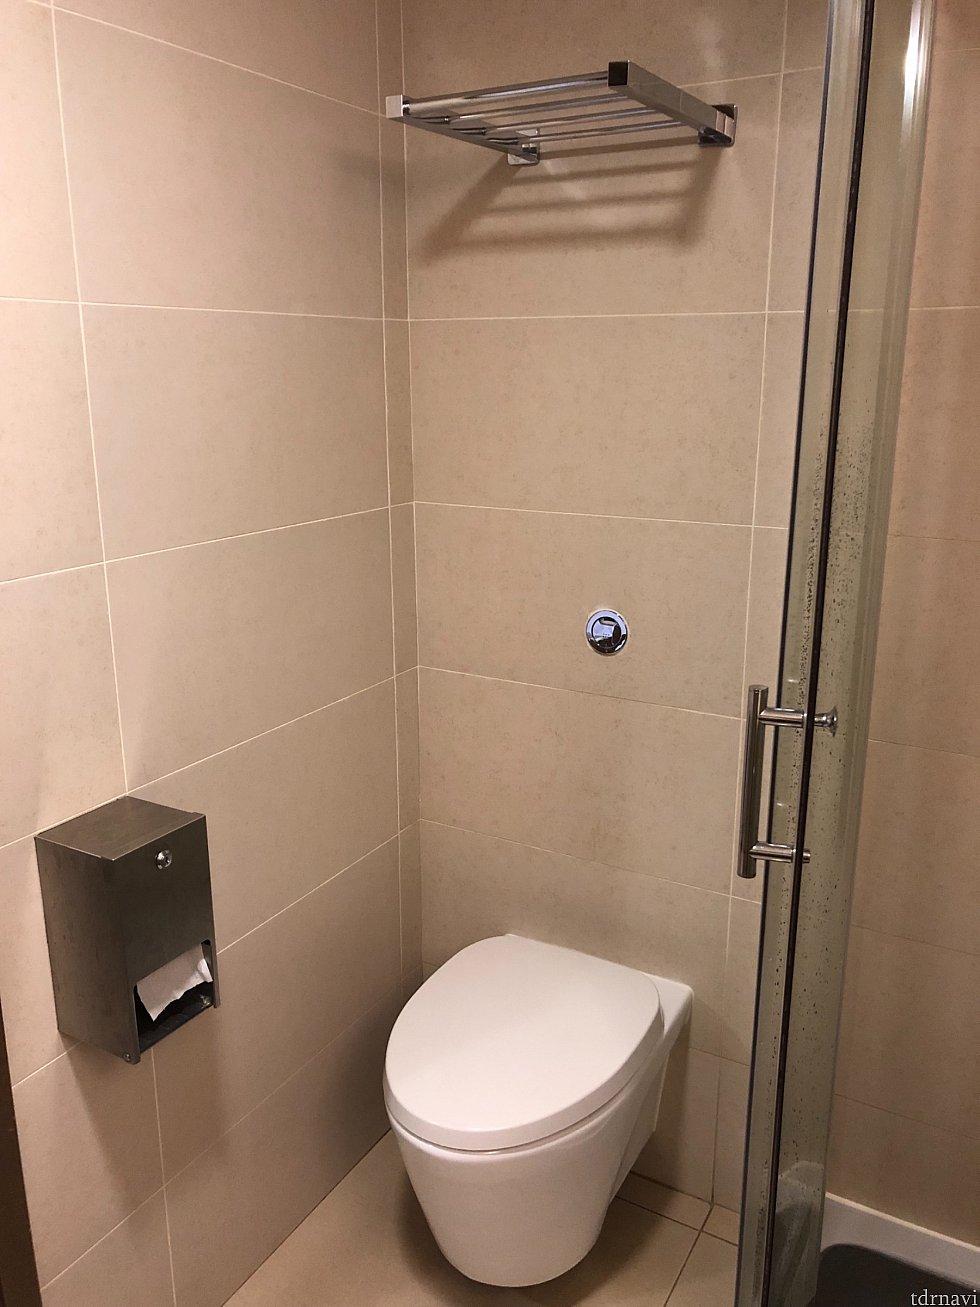 おトイレです。流れに問題はなし。紙を取ろうとしたら芯が詰まって取れなくってて、上に入ってる予備を無理やりひっぱり出してる感じになってました💦 トイレの上の棚にはバスタオルがありました。